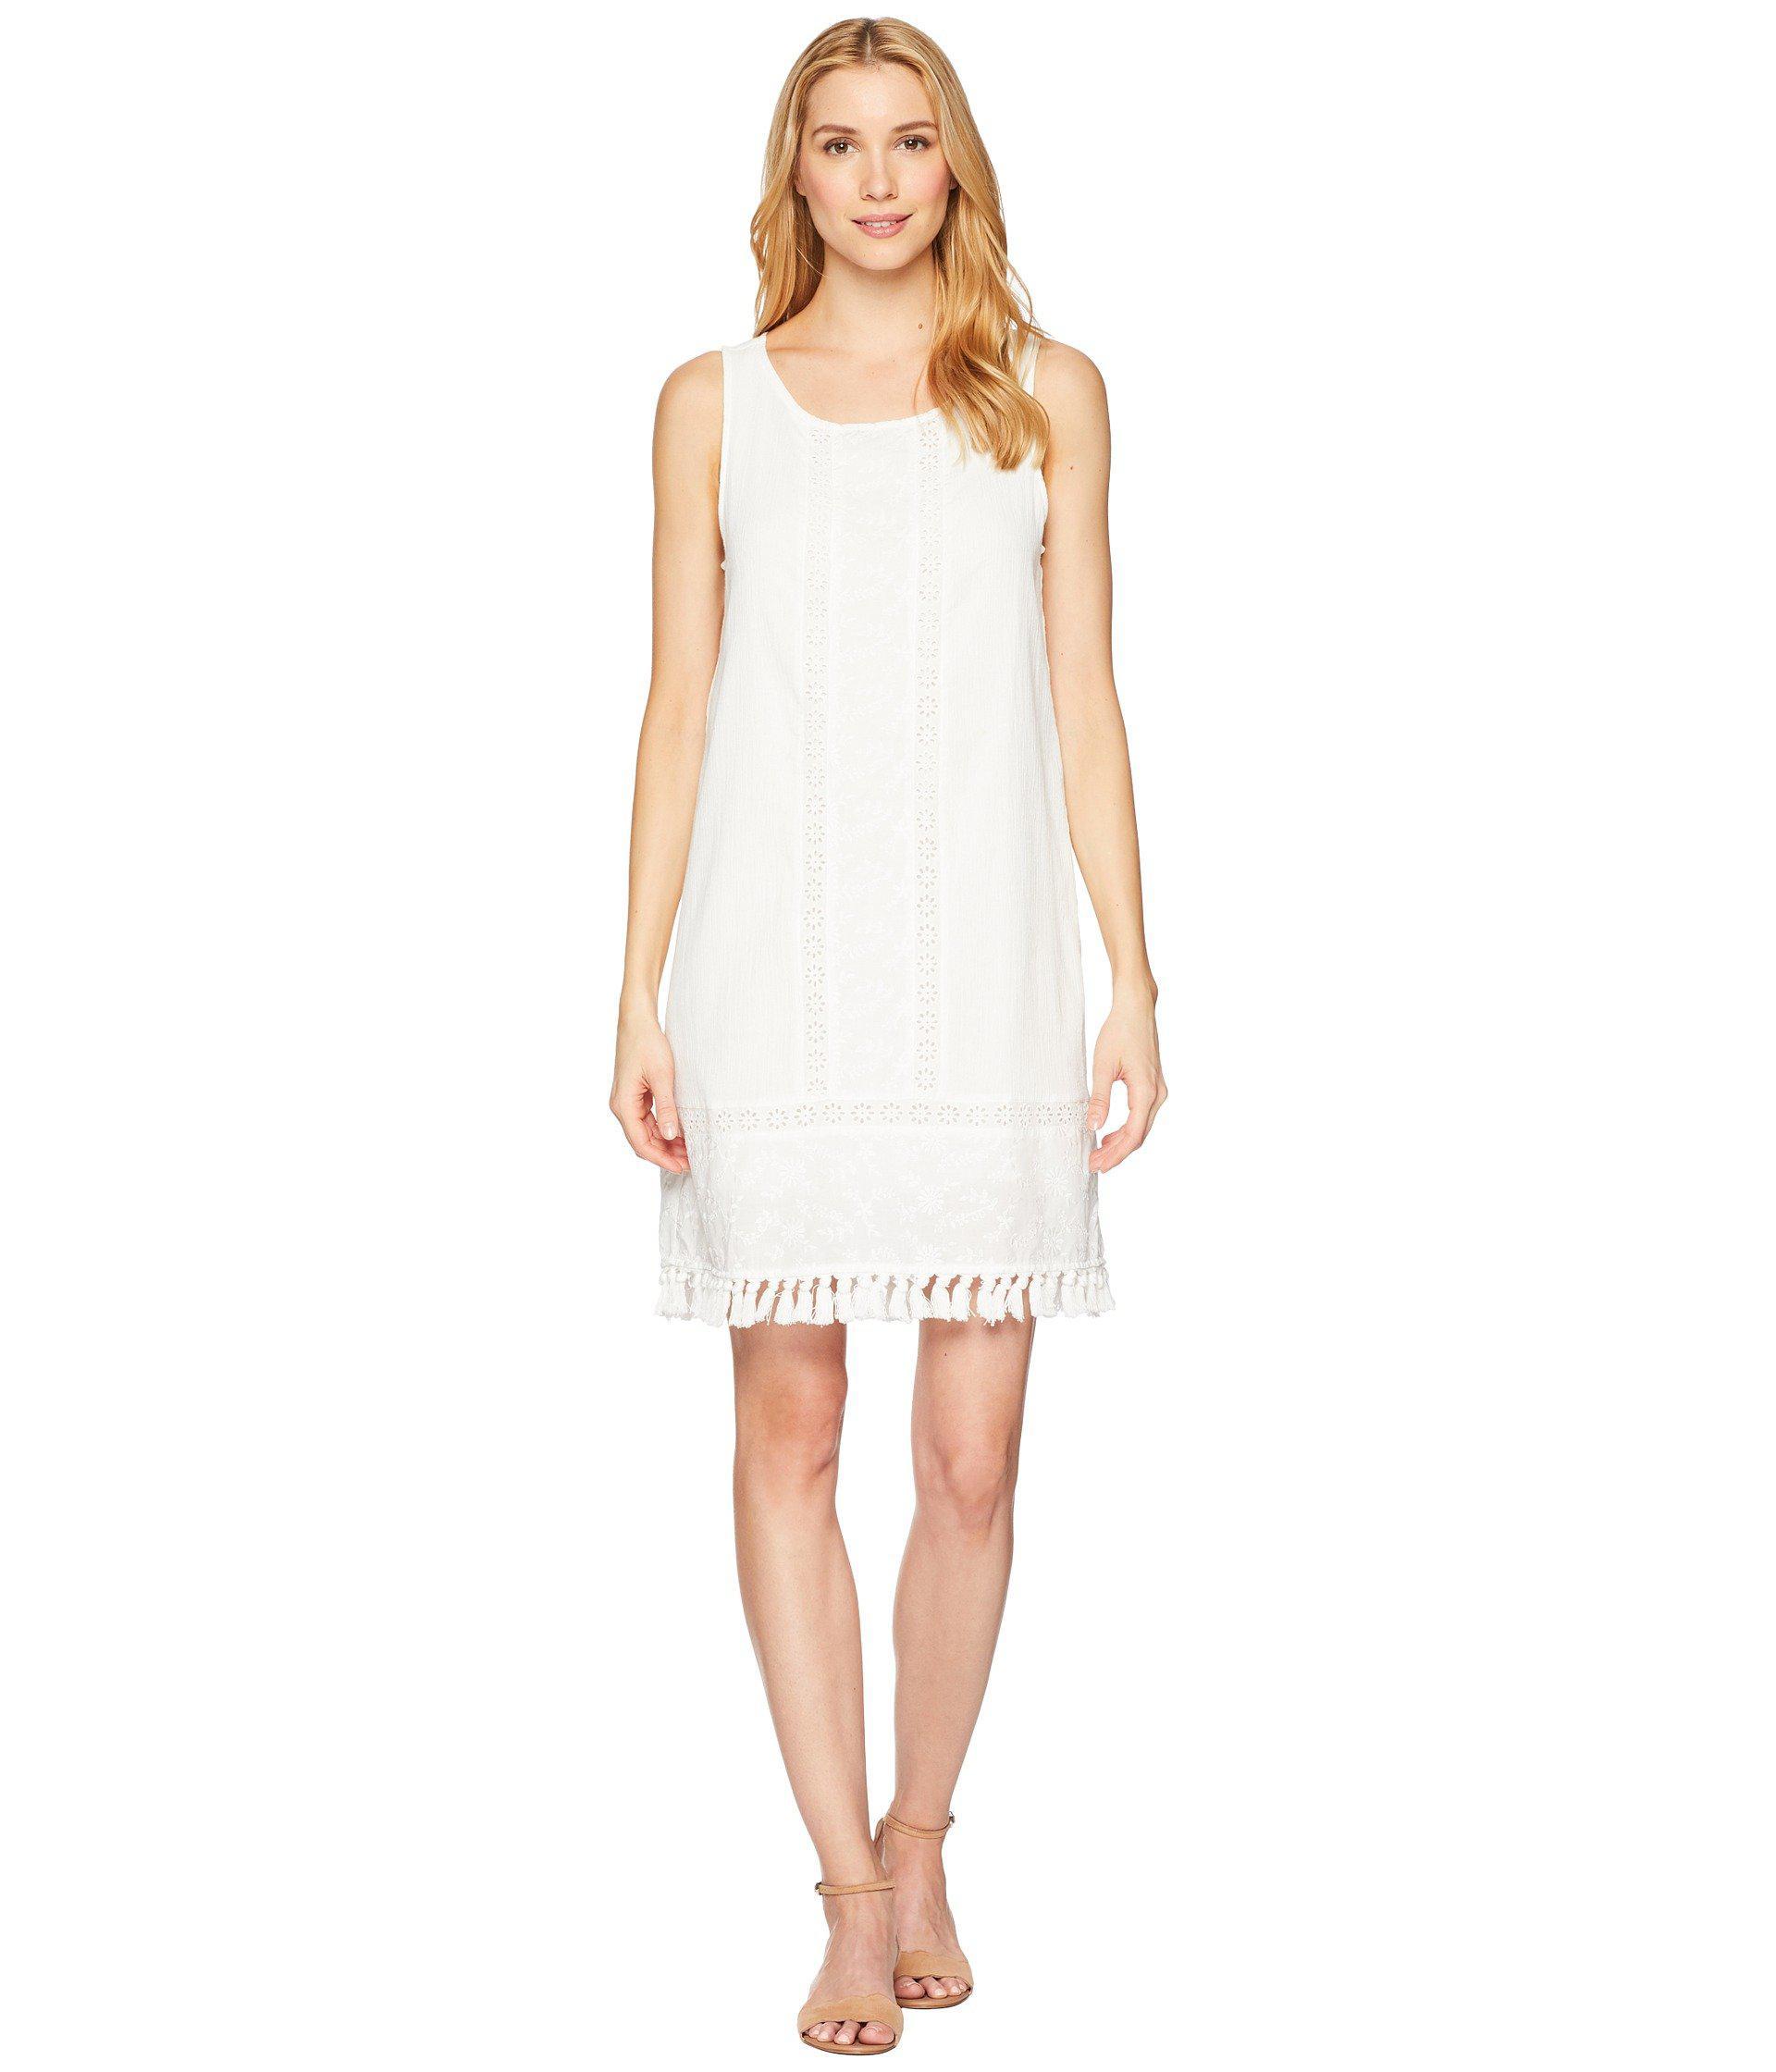 38e8bea81a Lyst - Sanctuary Alicia Boheme Dress in White - Save 32%